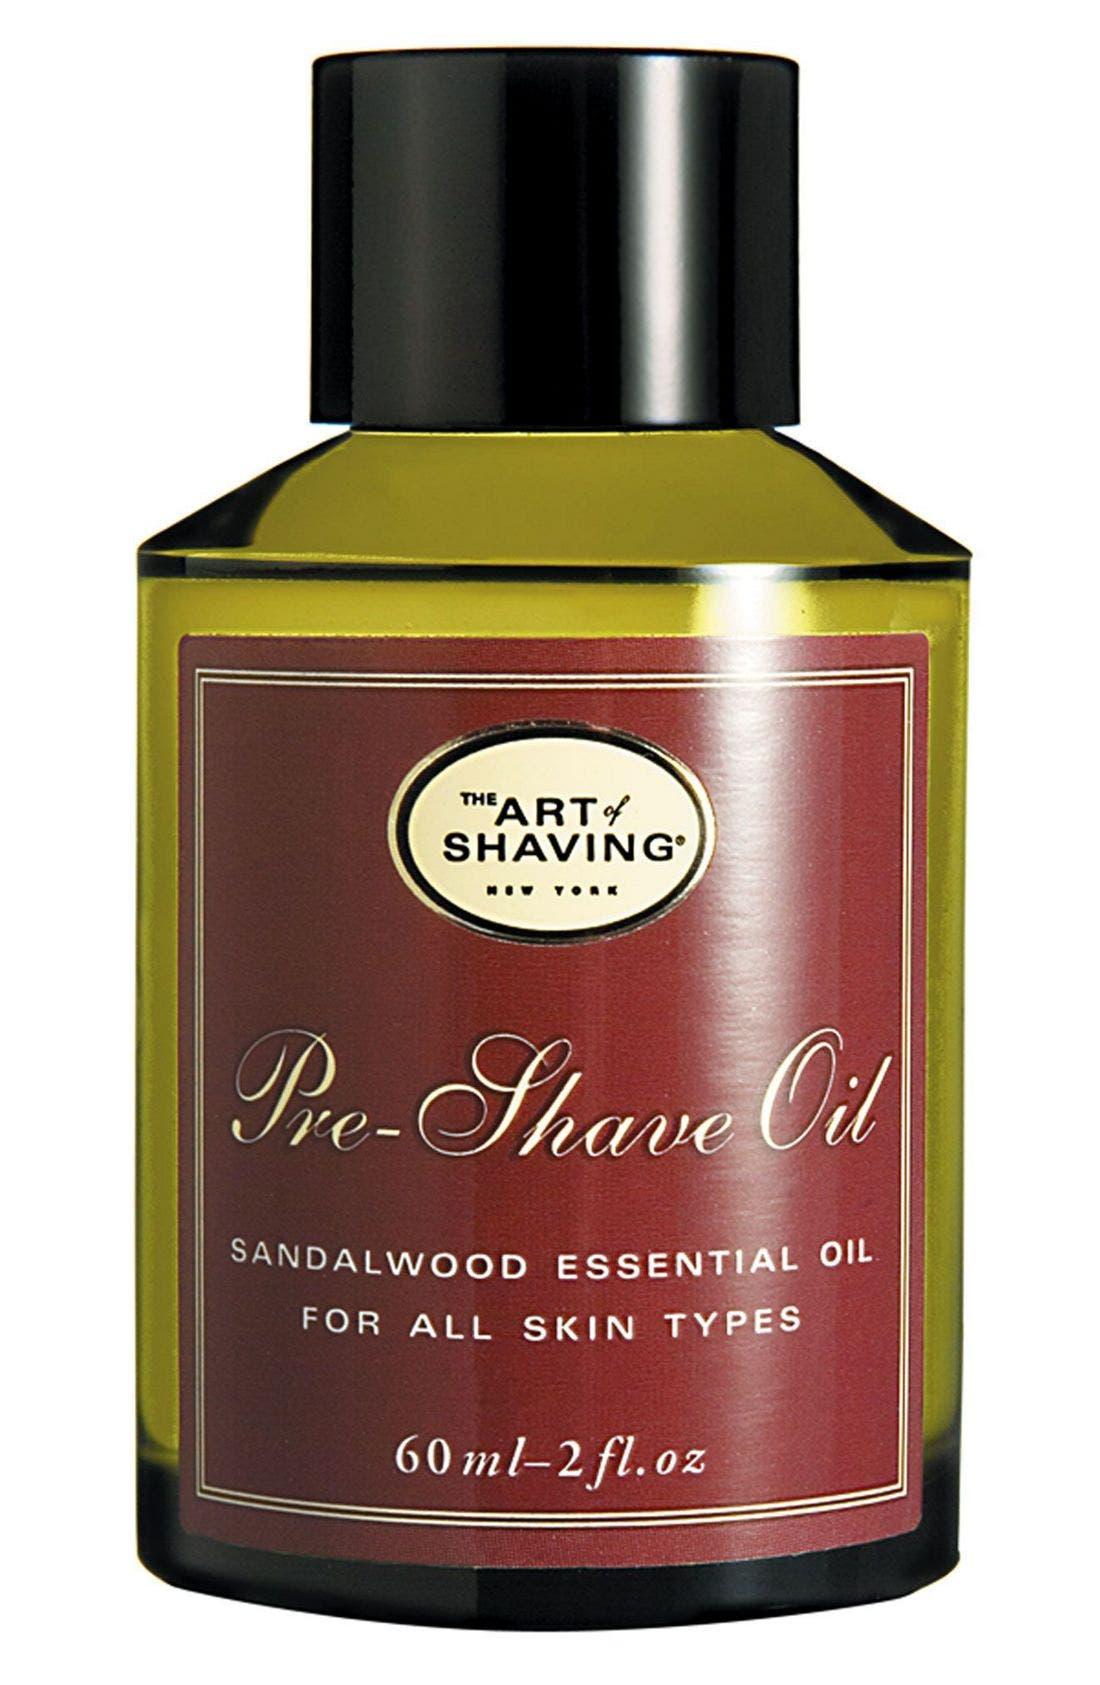 The Art of Shaving® Sandalwood Pre-Shave Oil